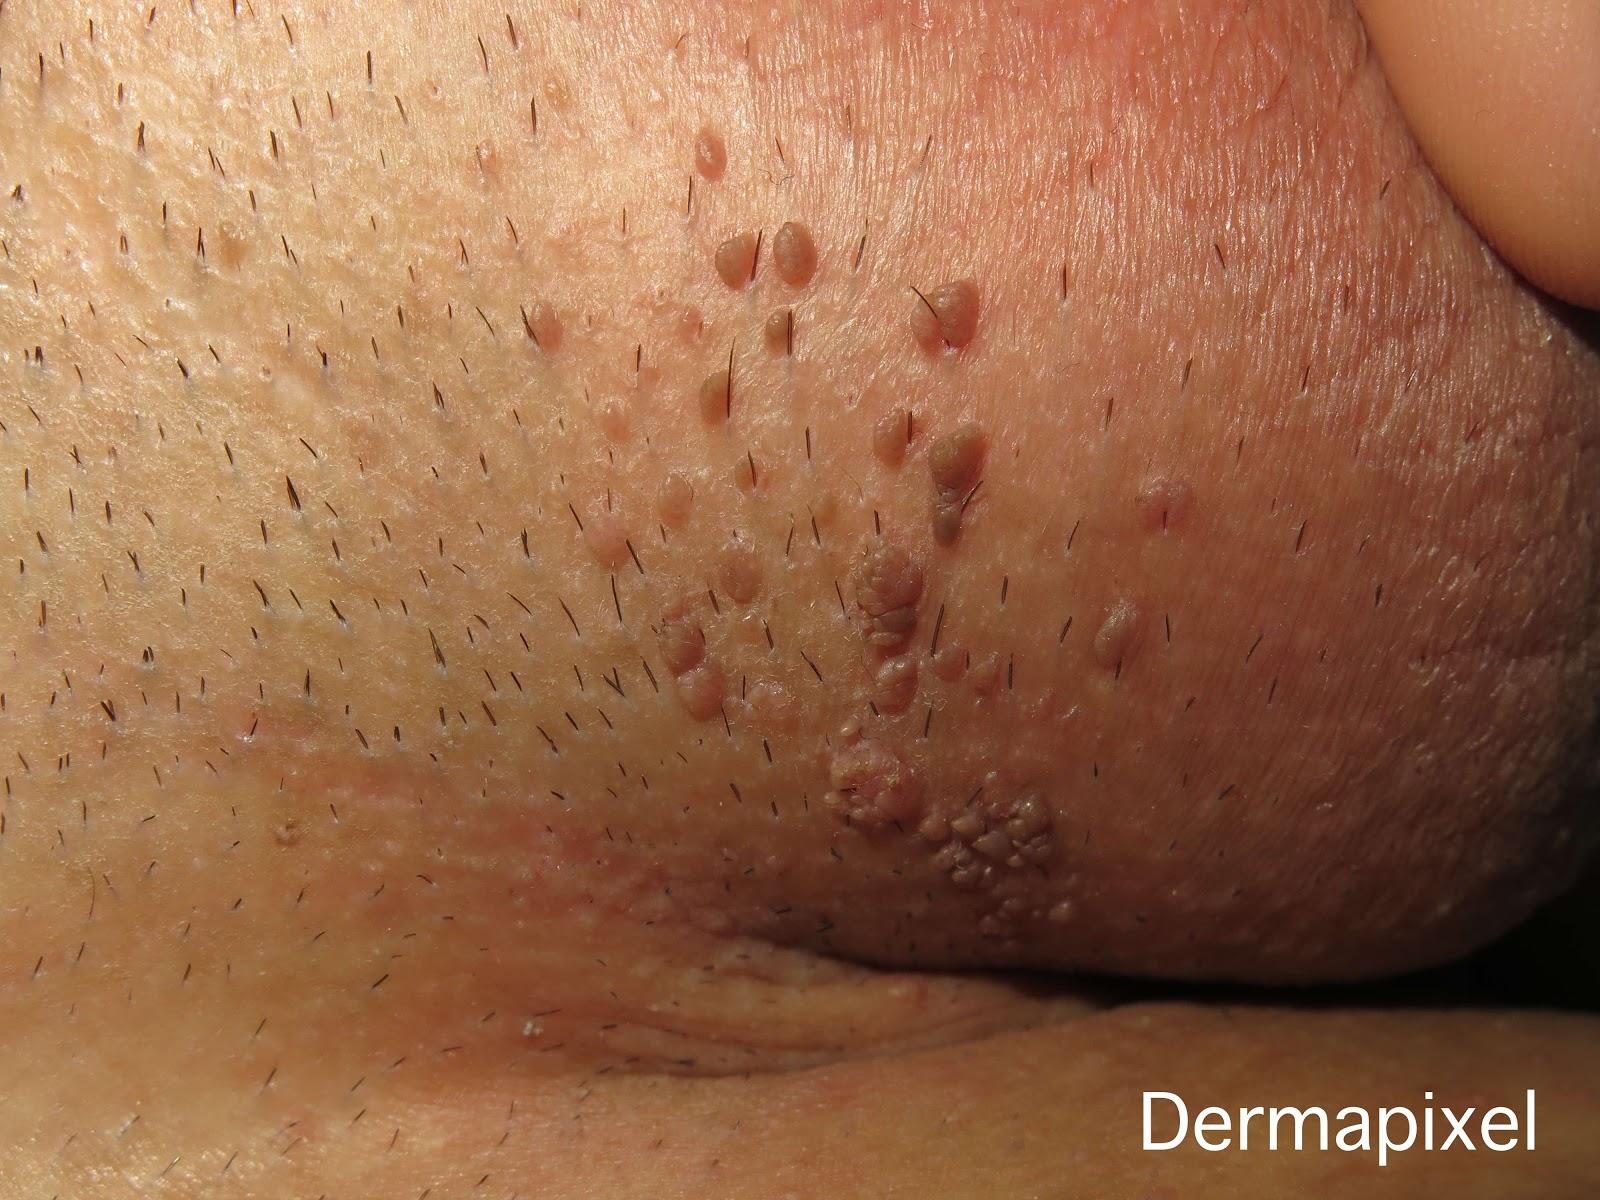 genitális papilloma vírus fergus vízben